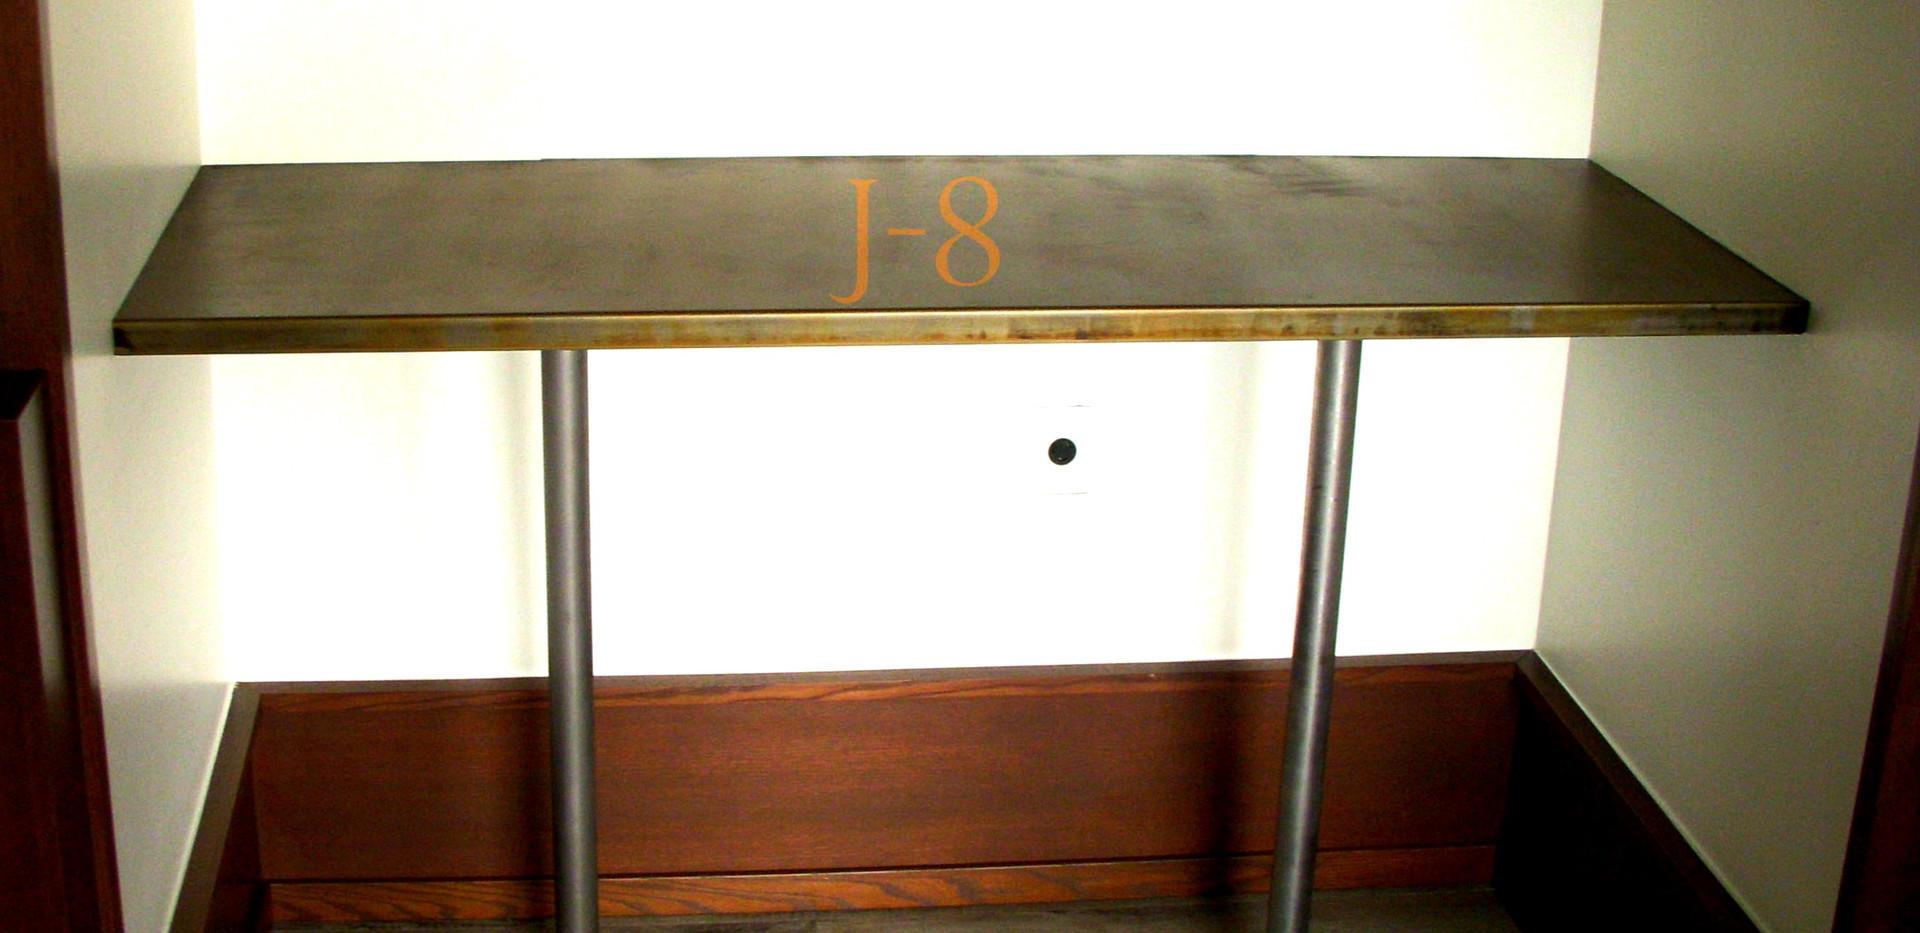 Full Steel Tall Table